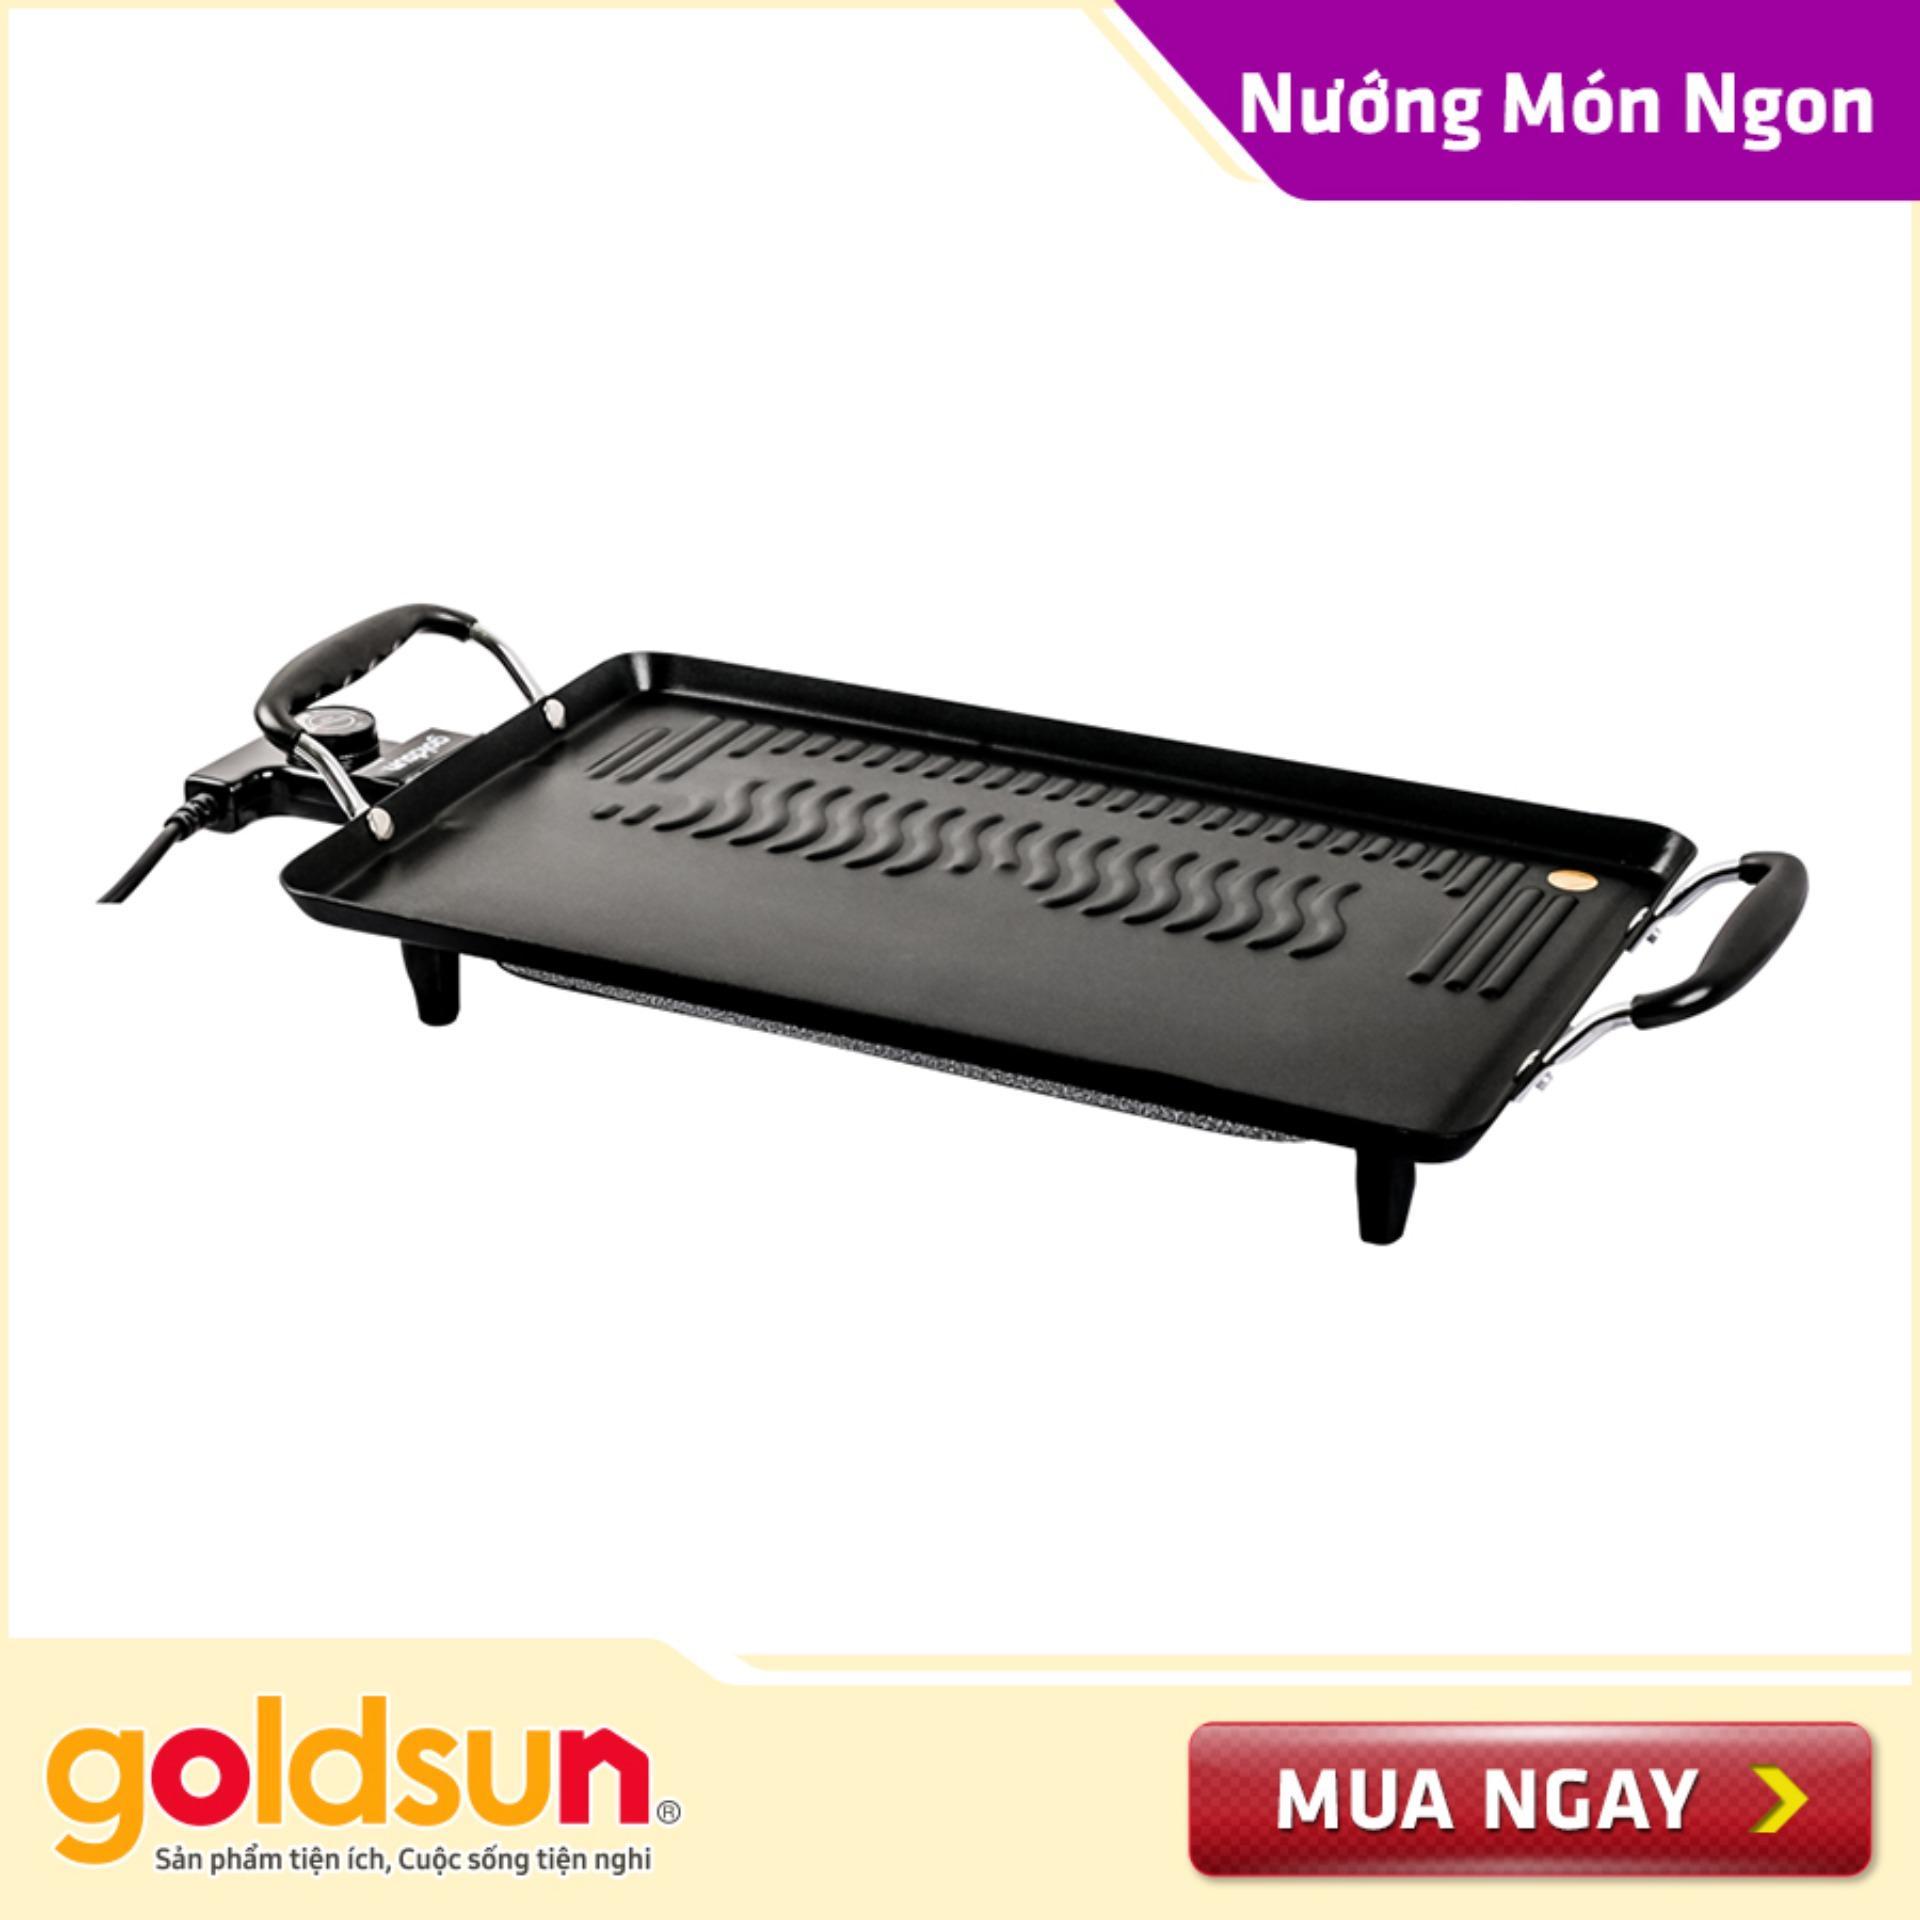 Offer Giảm Giá Bếp Nướng điện Goldsun GR-GYC 1600